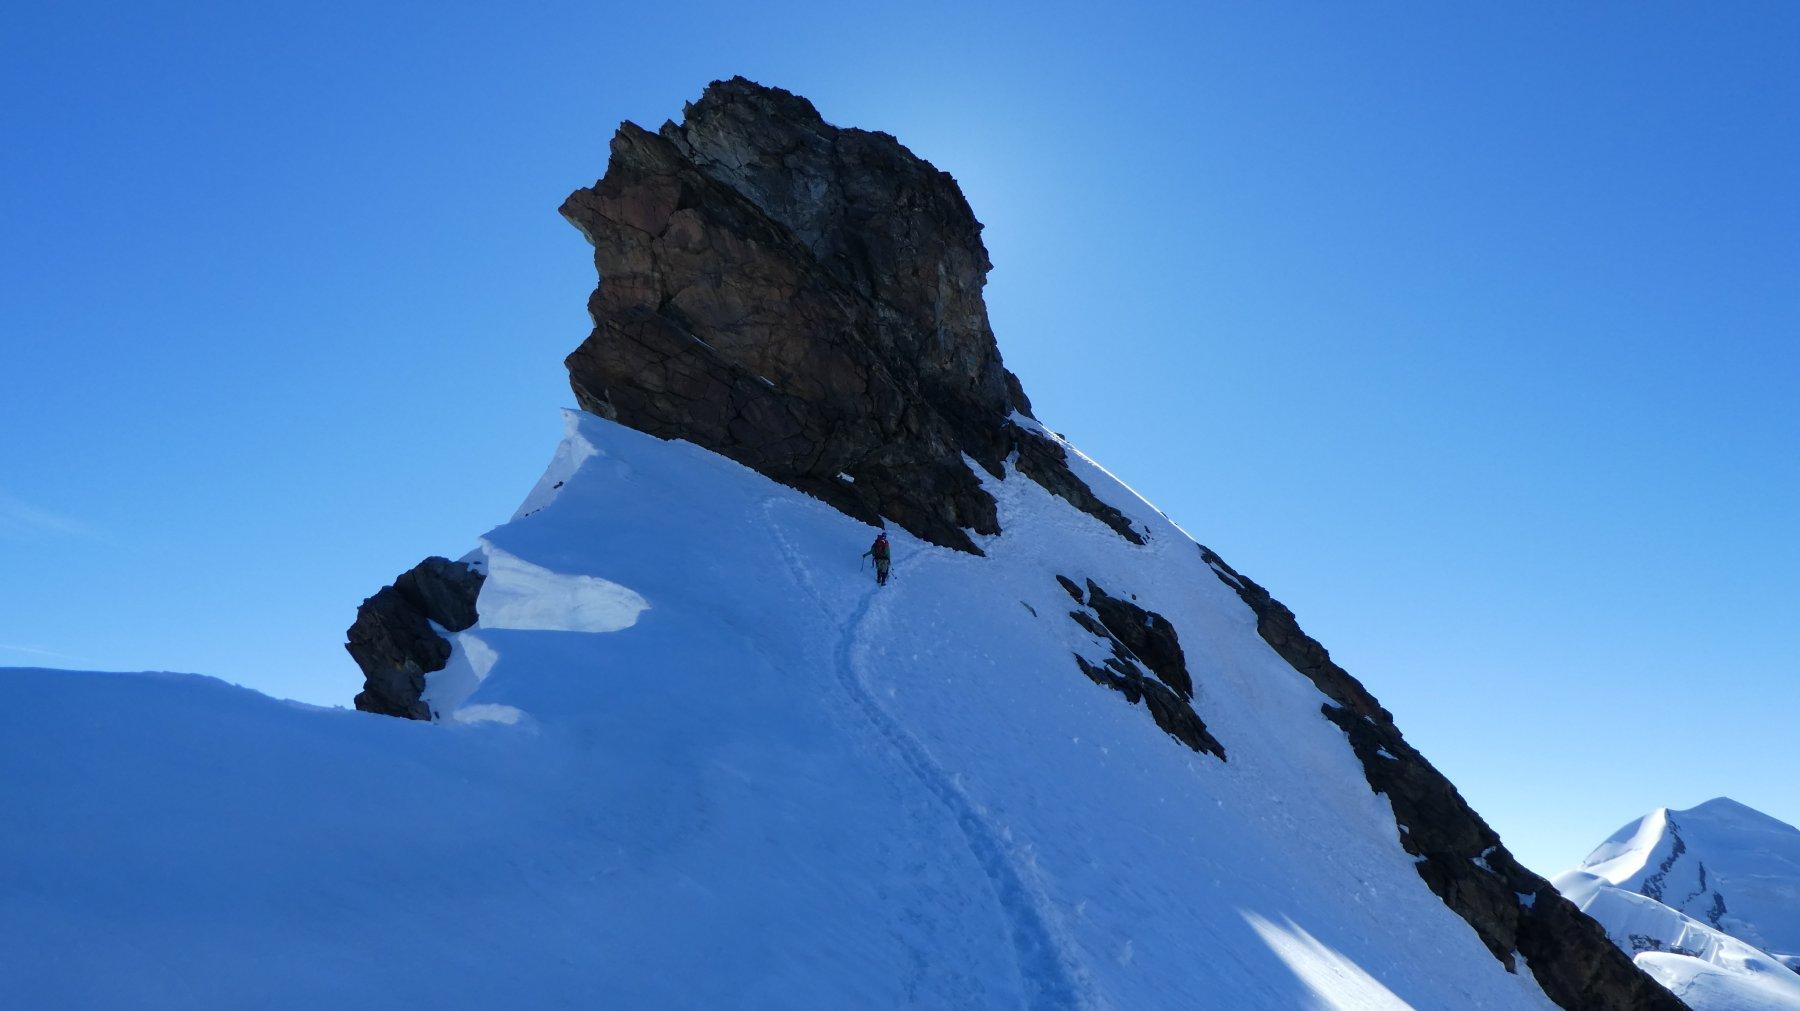 nella parte alta della cresta Ovest, sotto la cuspide rocciosa terminale